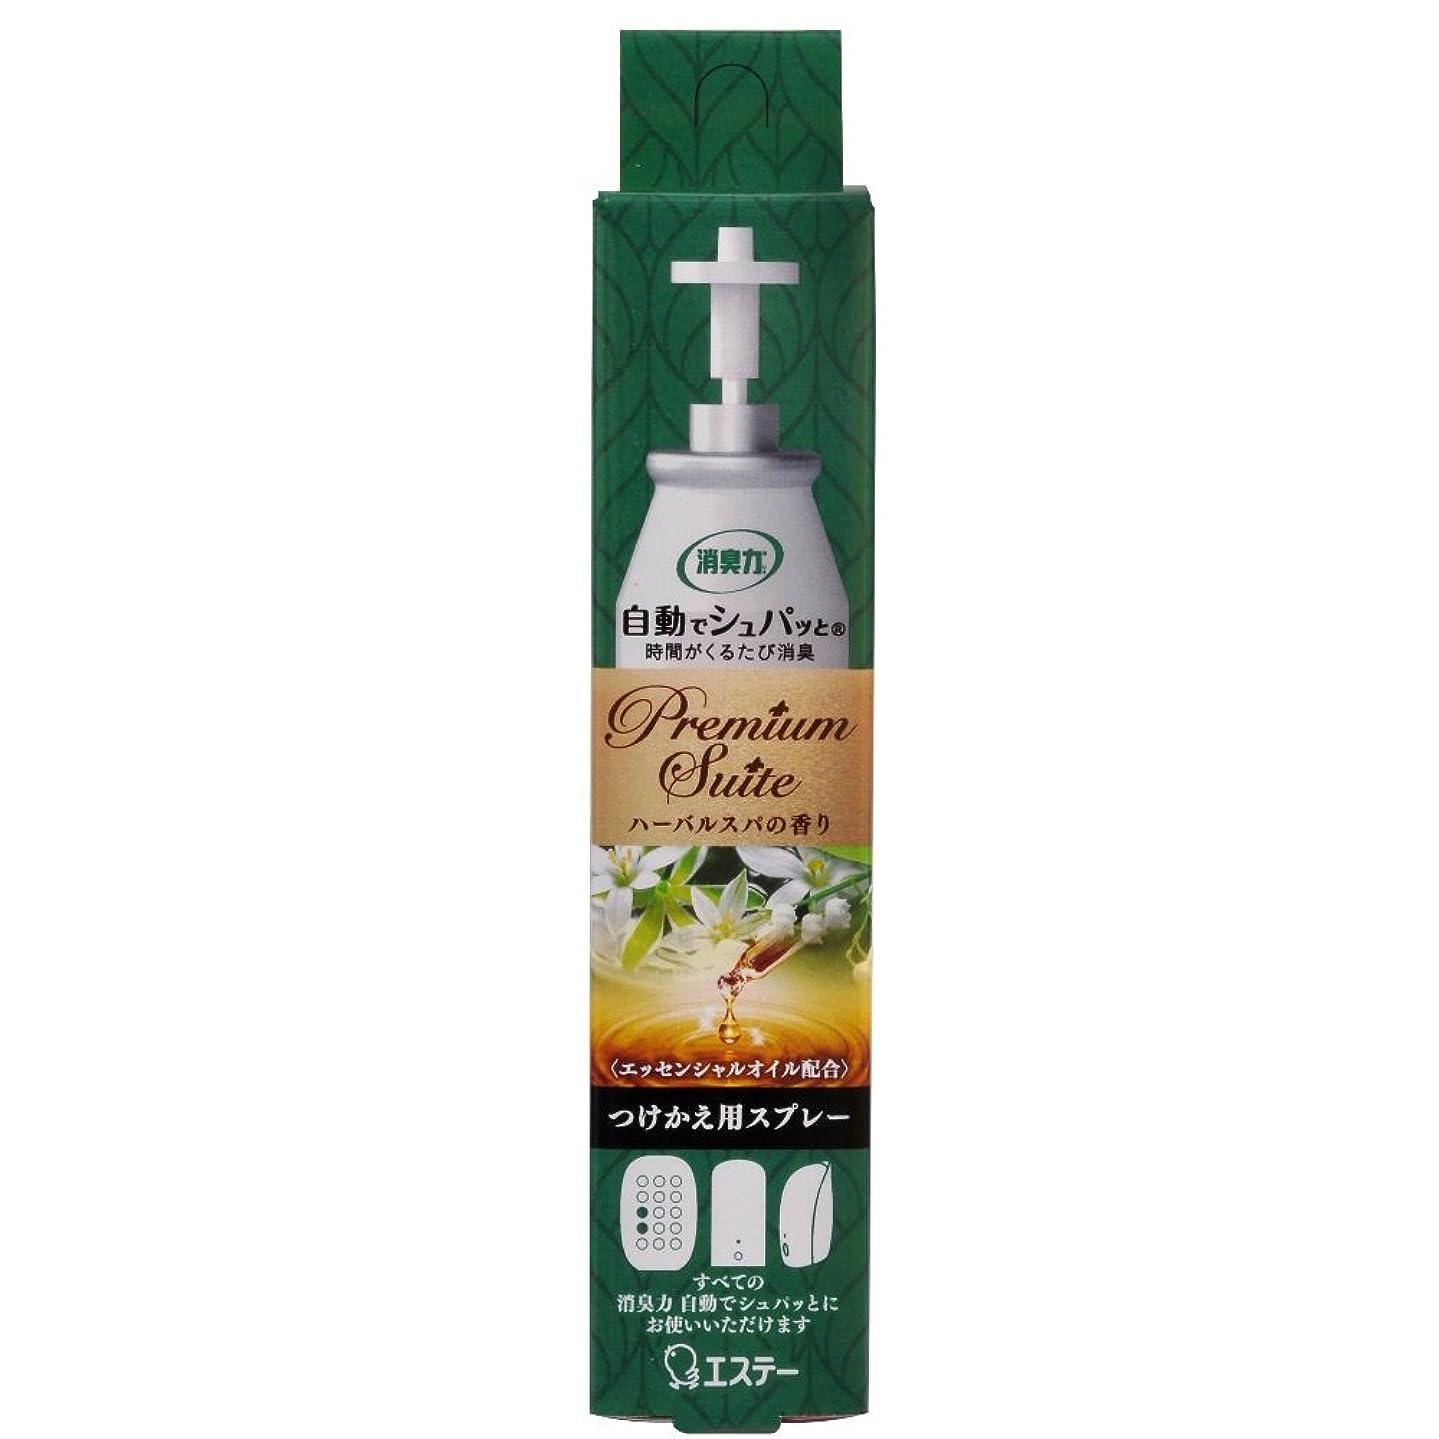 不規則な原理冷える消臭力 自動でシュパッと 電池式消臭スプレー 消臭芳香剤 部屋 部屋用 つけかえ ハーバルスパの香り 39ml